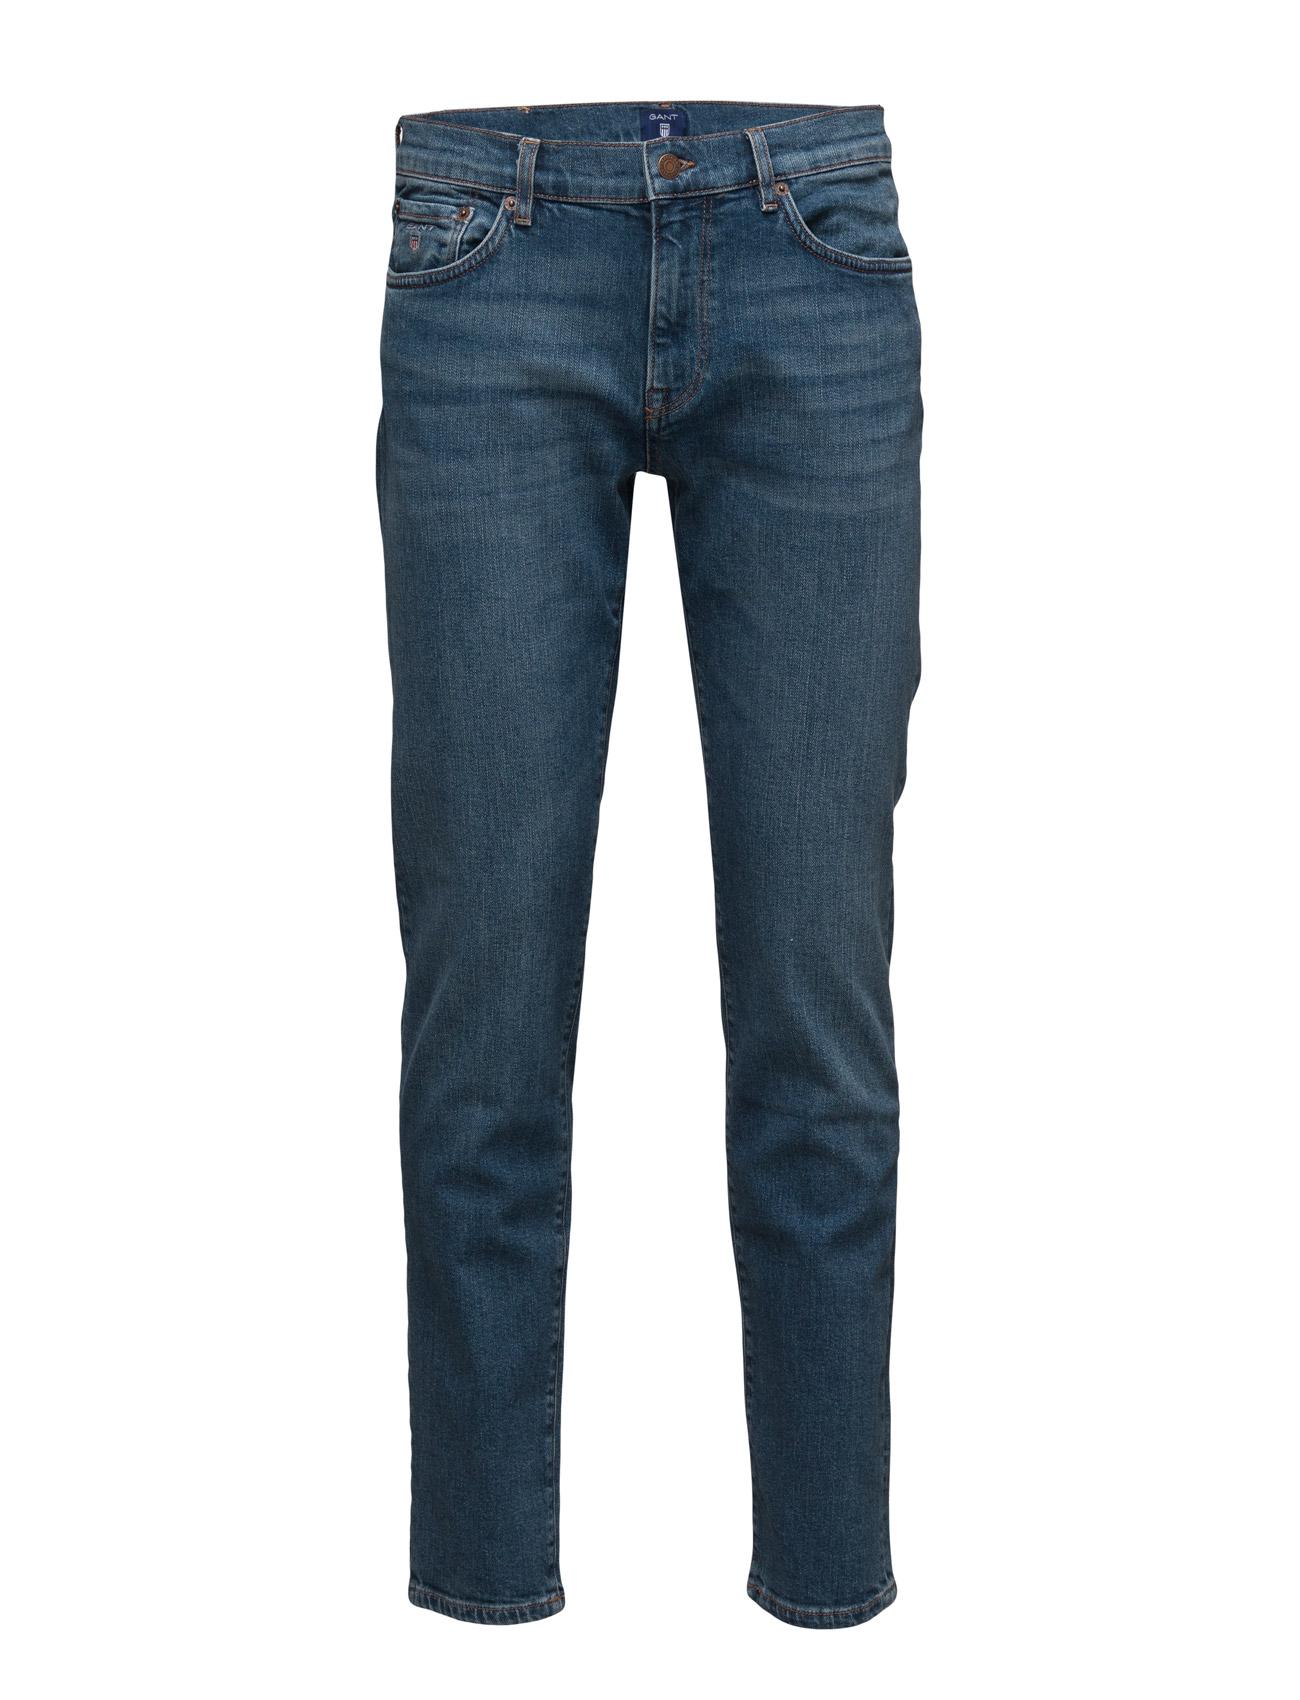 Slim Straight Gant Jean GANT Jeans til Mænd i